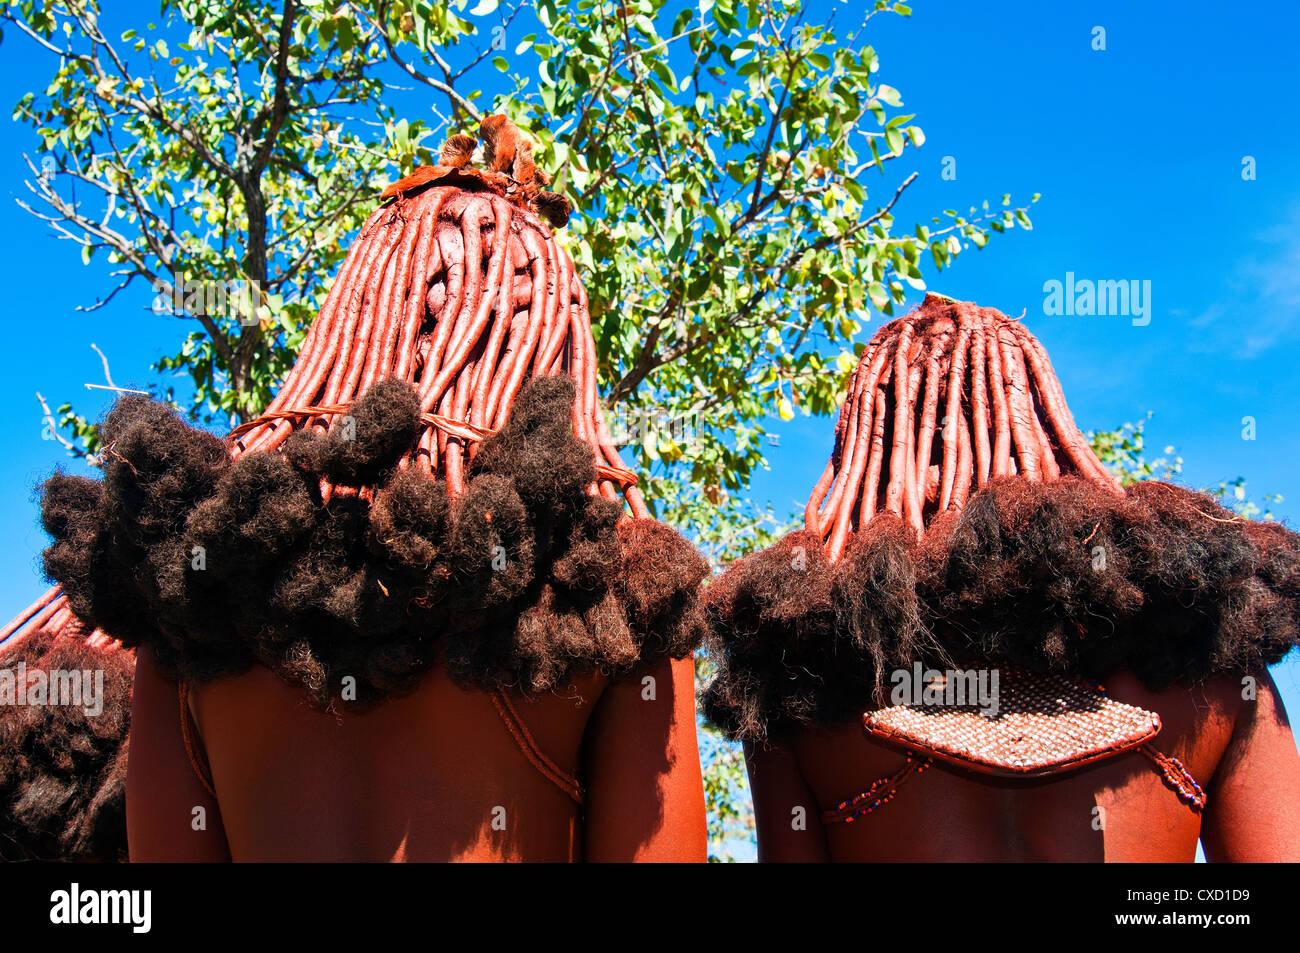 Coiffure de femme Himba, Kaokoveld, Namibie, Afrique du Sud Banque D'Images